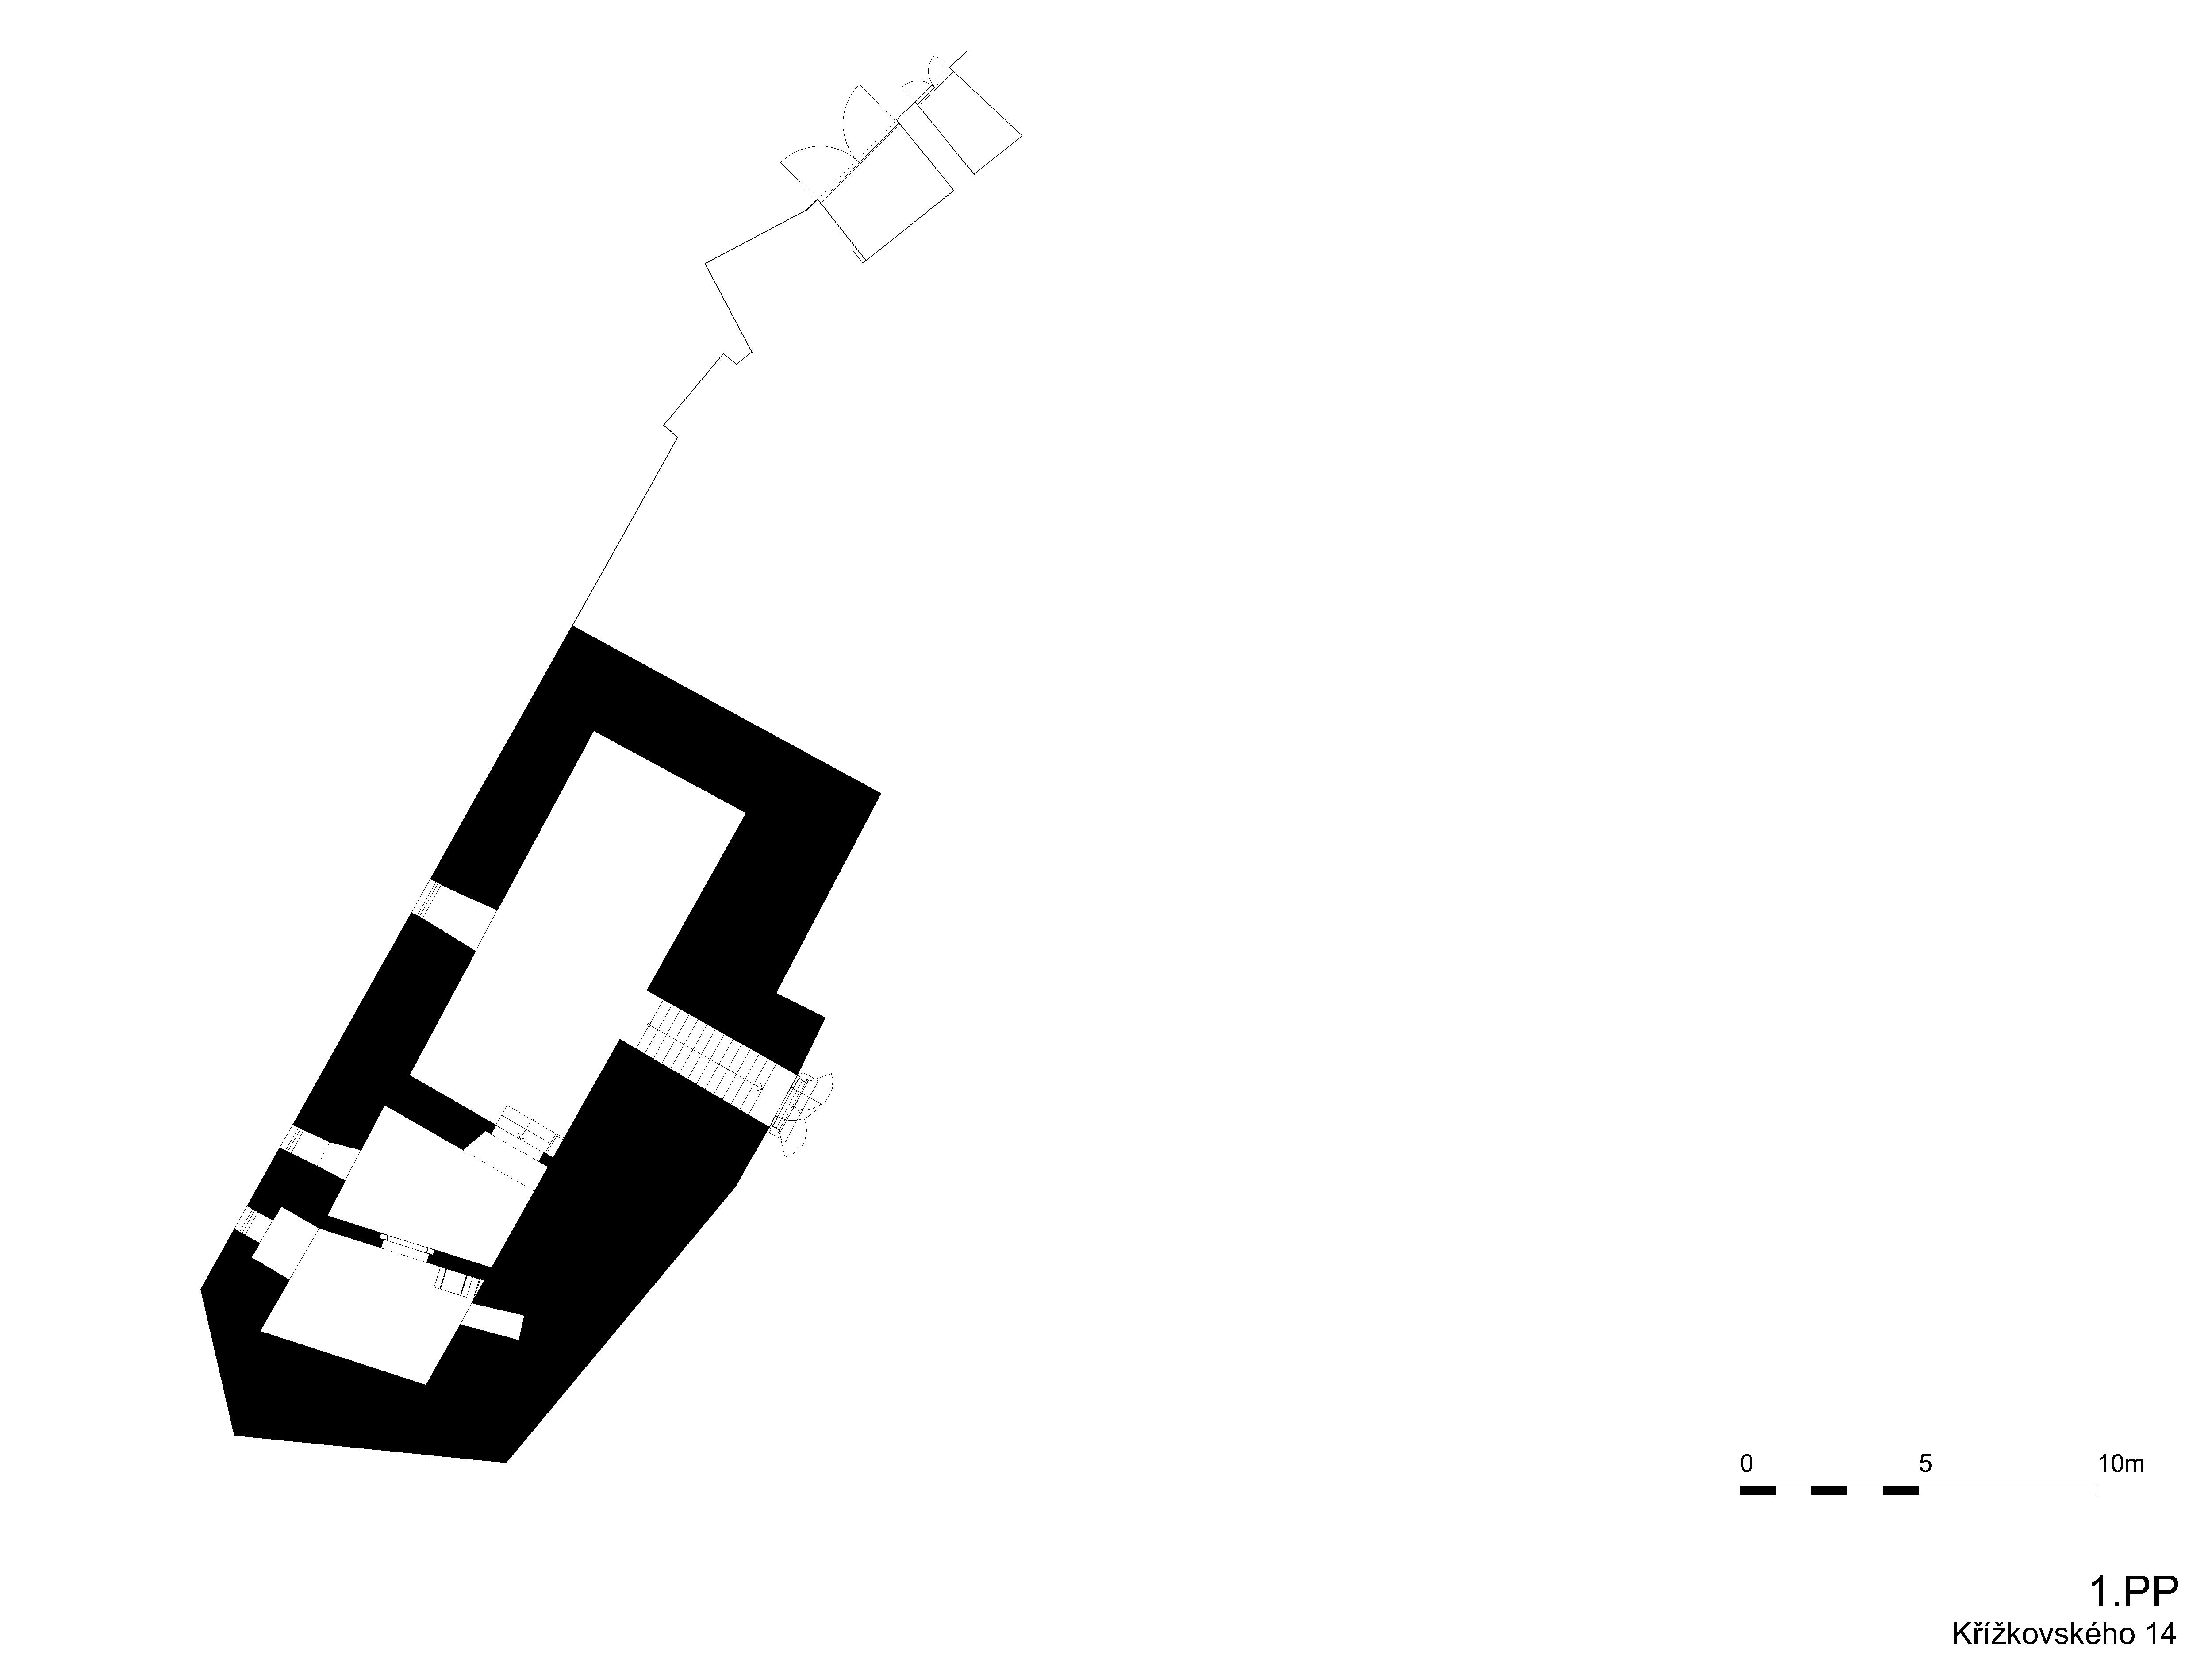 k14_1pp